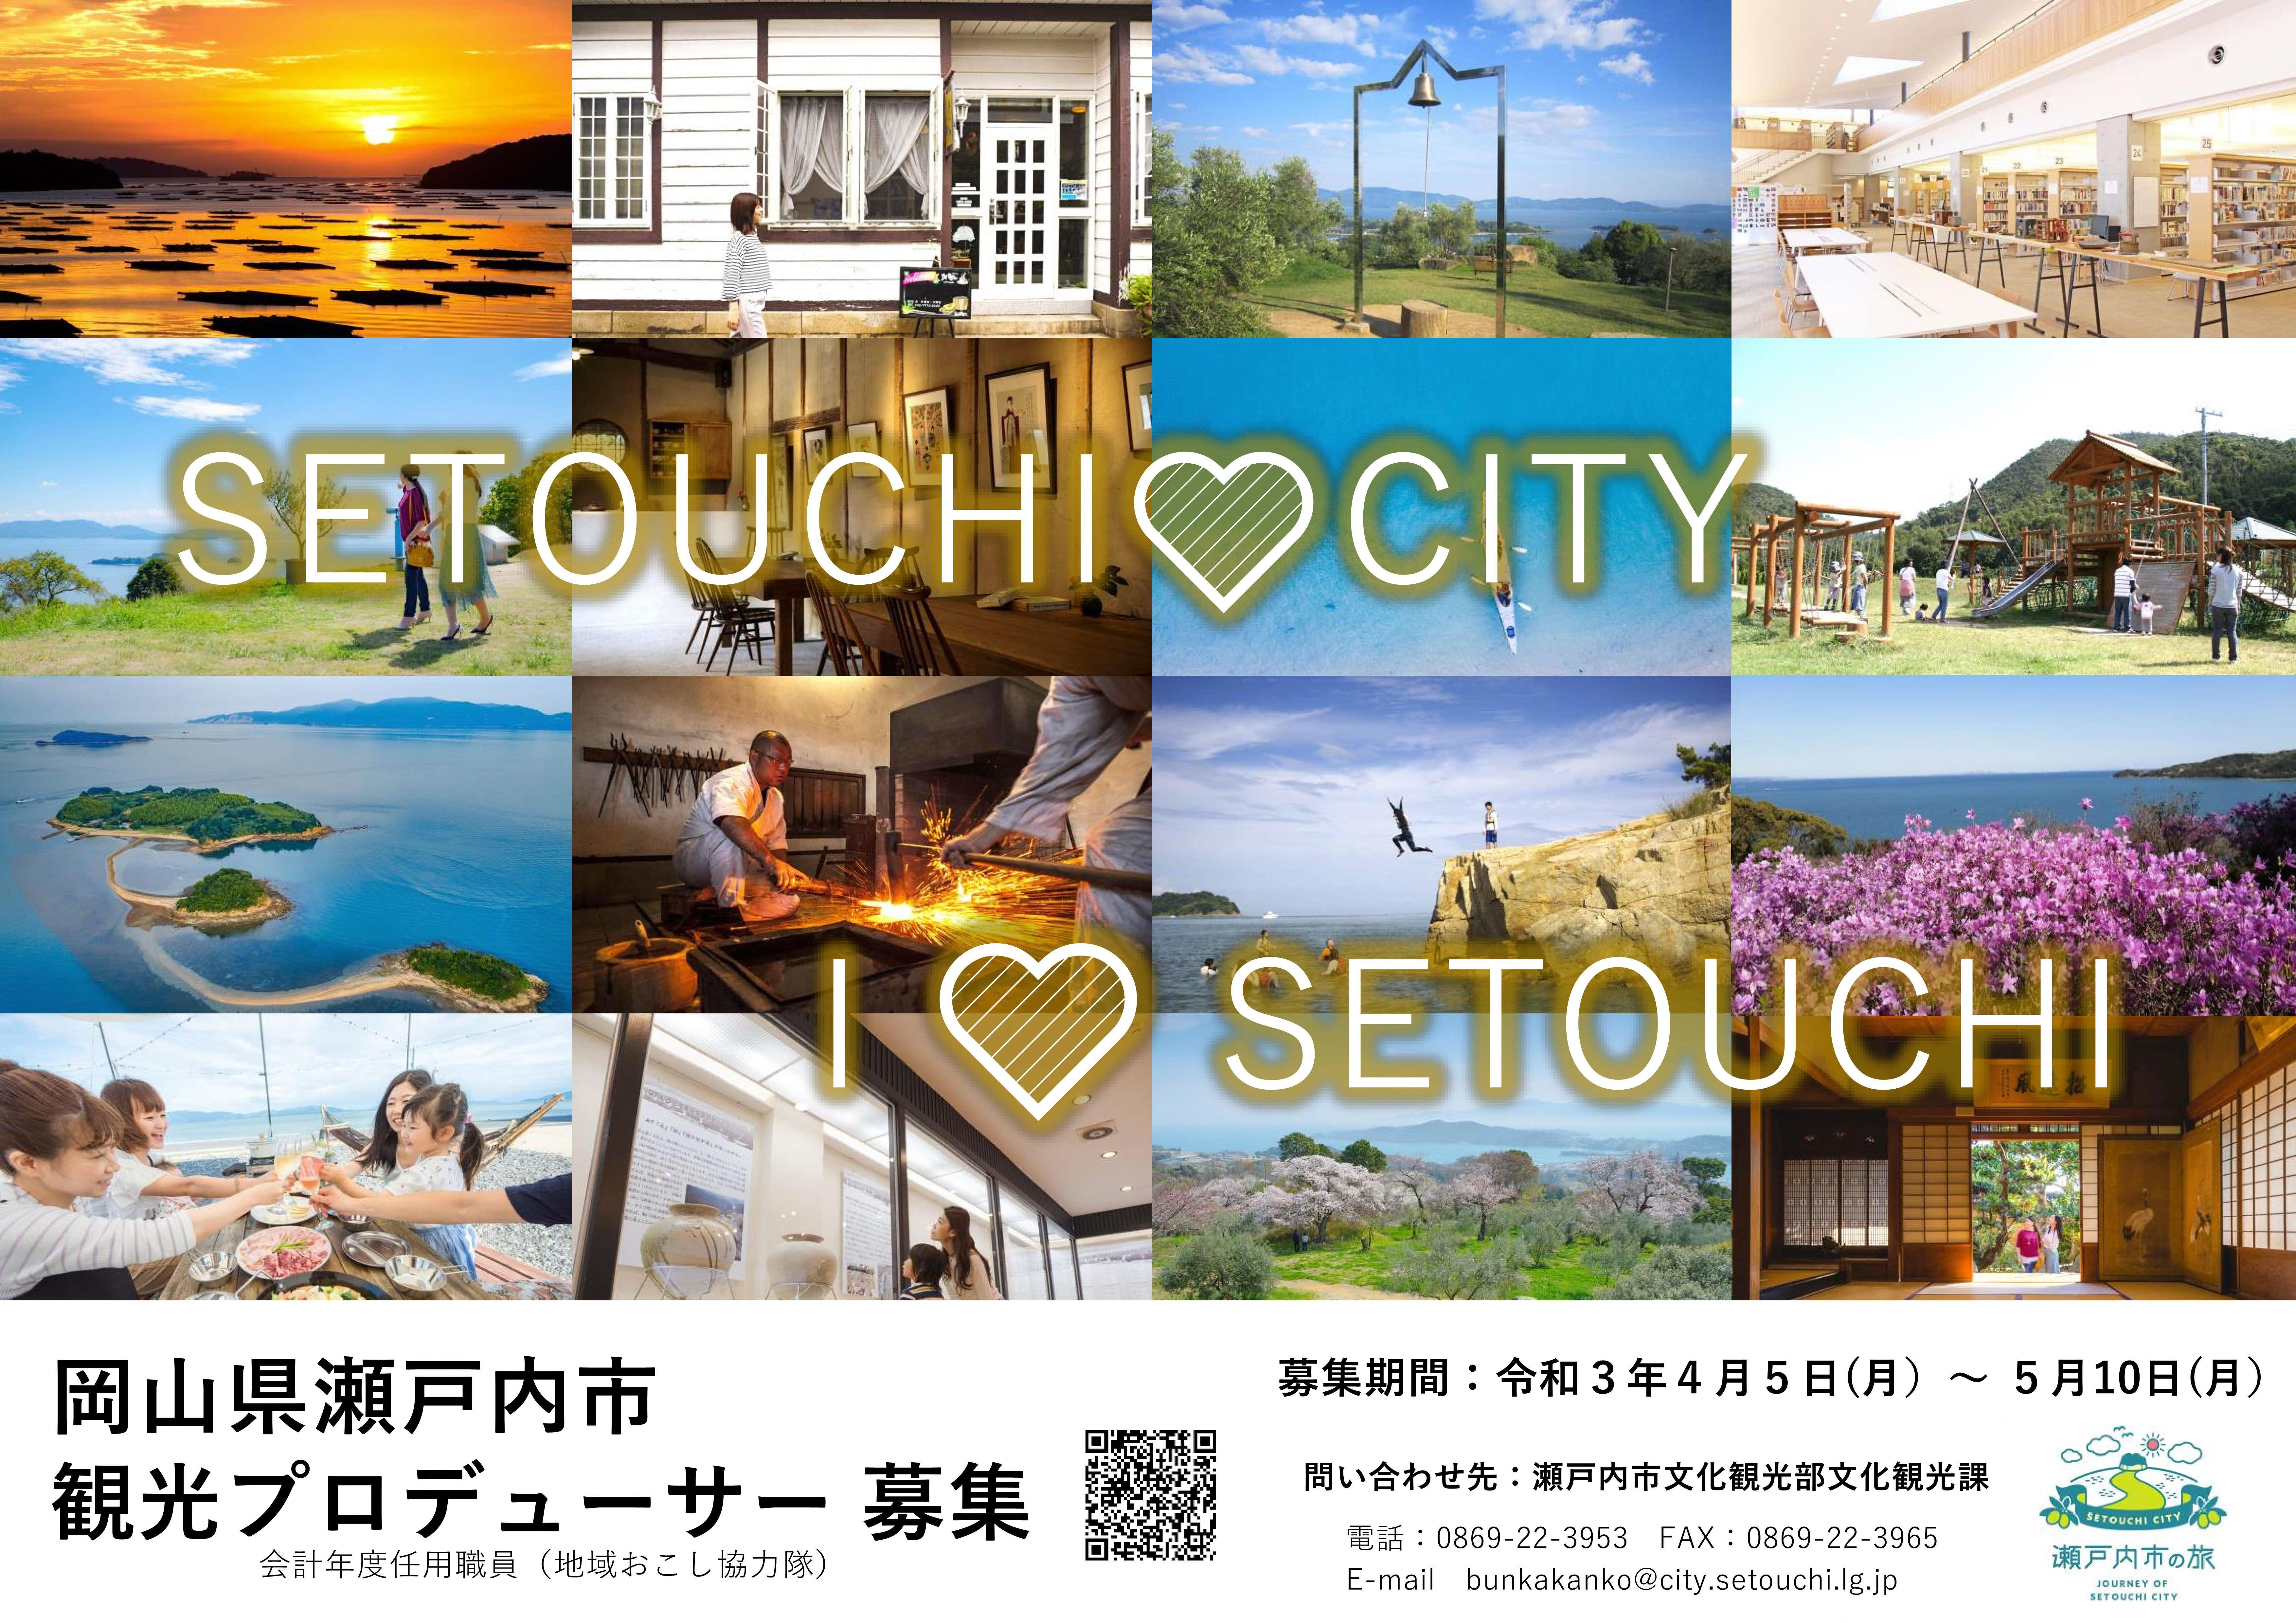 瀬戸内市観光プロデューサー(会計年度任用職員)を募集しています。